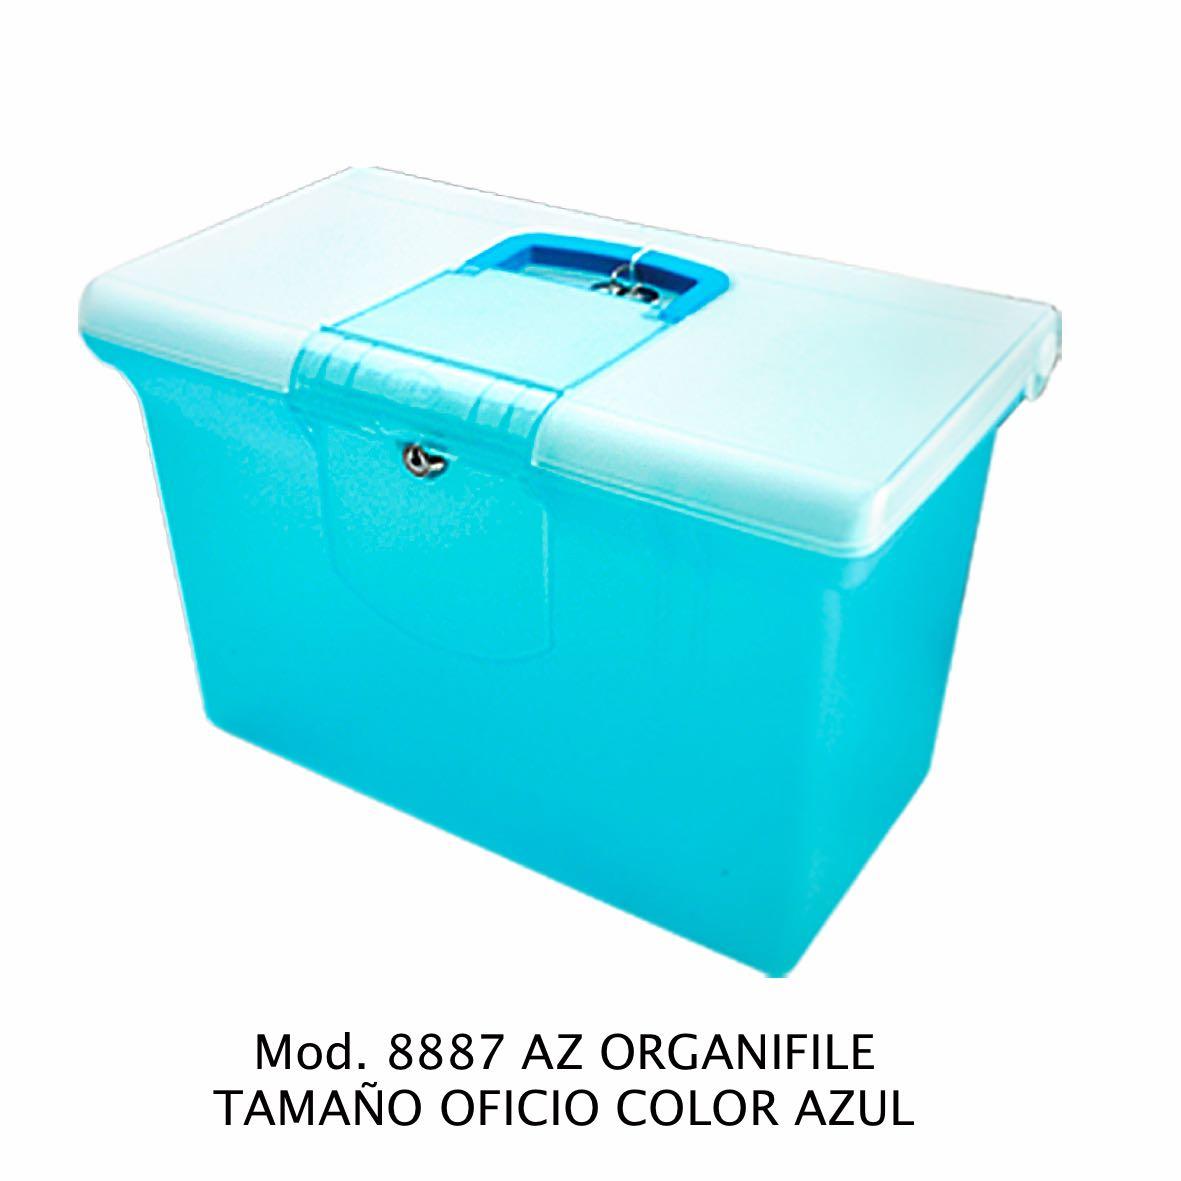 Organifile tamaño oficio de color azul Modelo 8887 AZ - Sablón